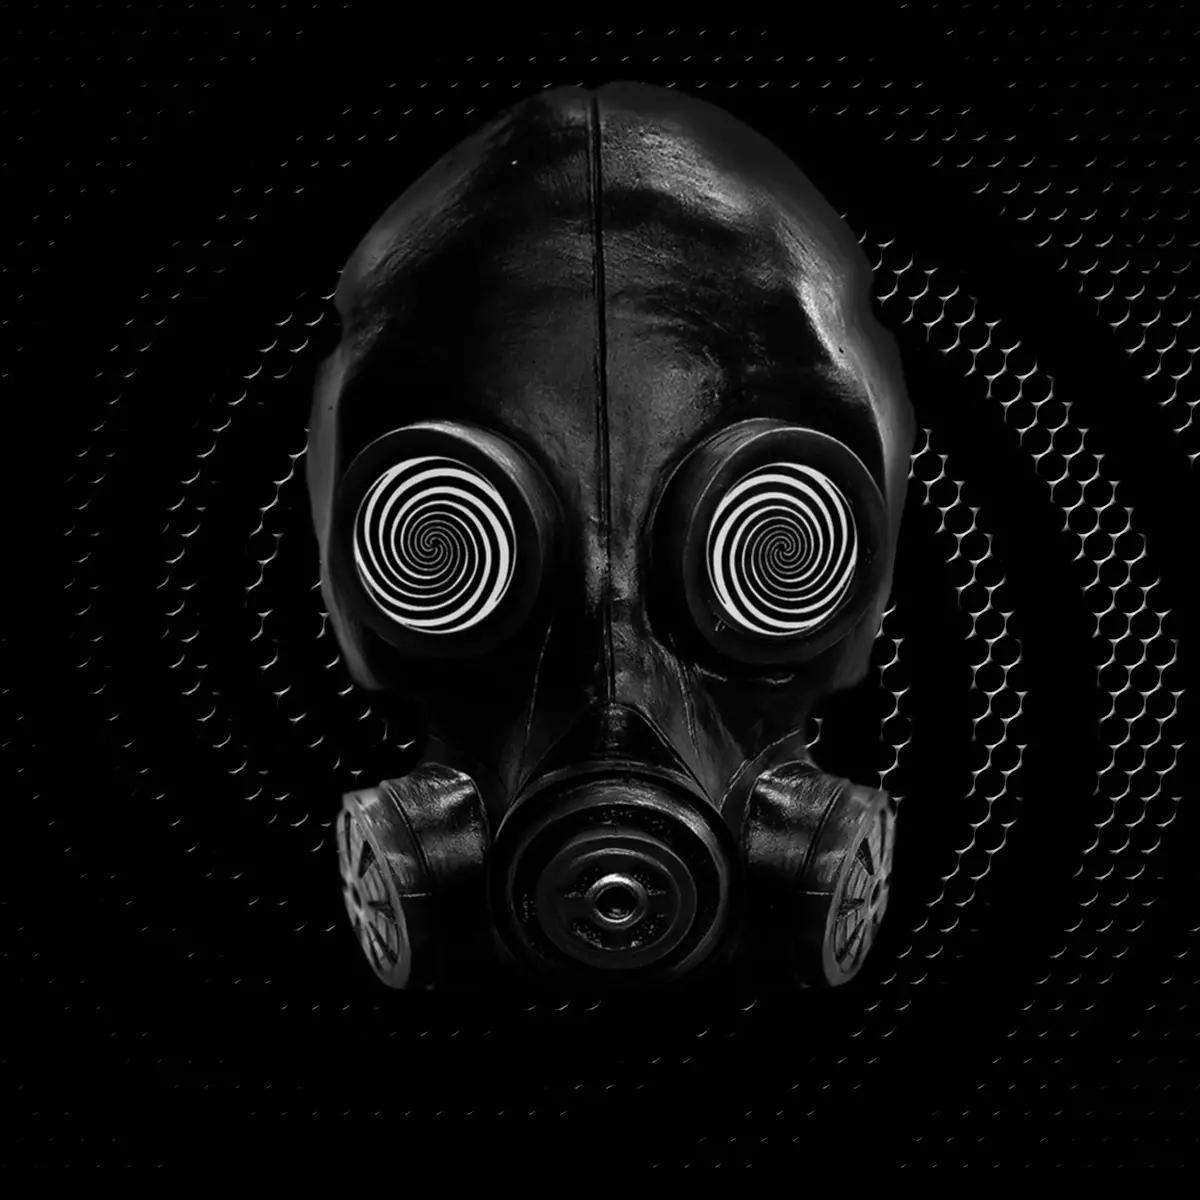 Naurea website 2017 - New Zombie Generation II